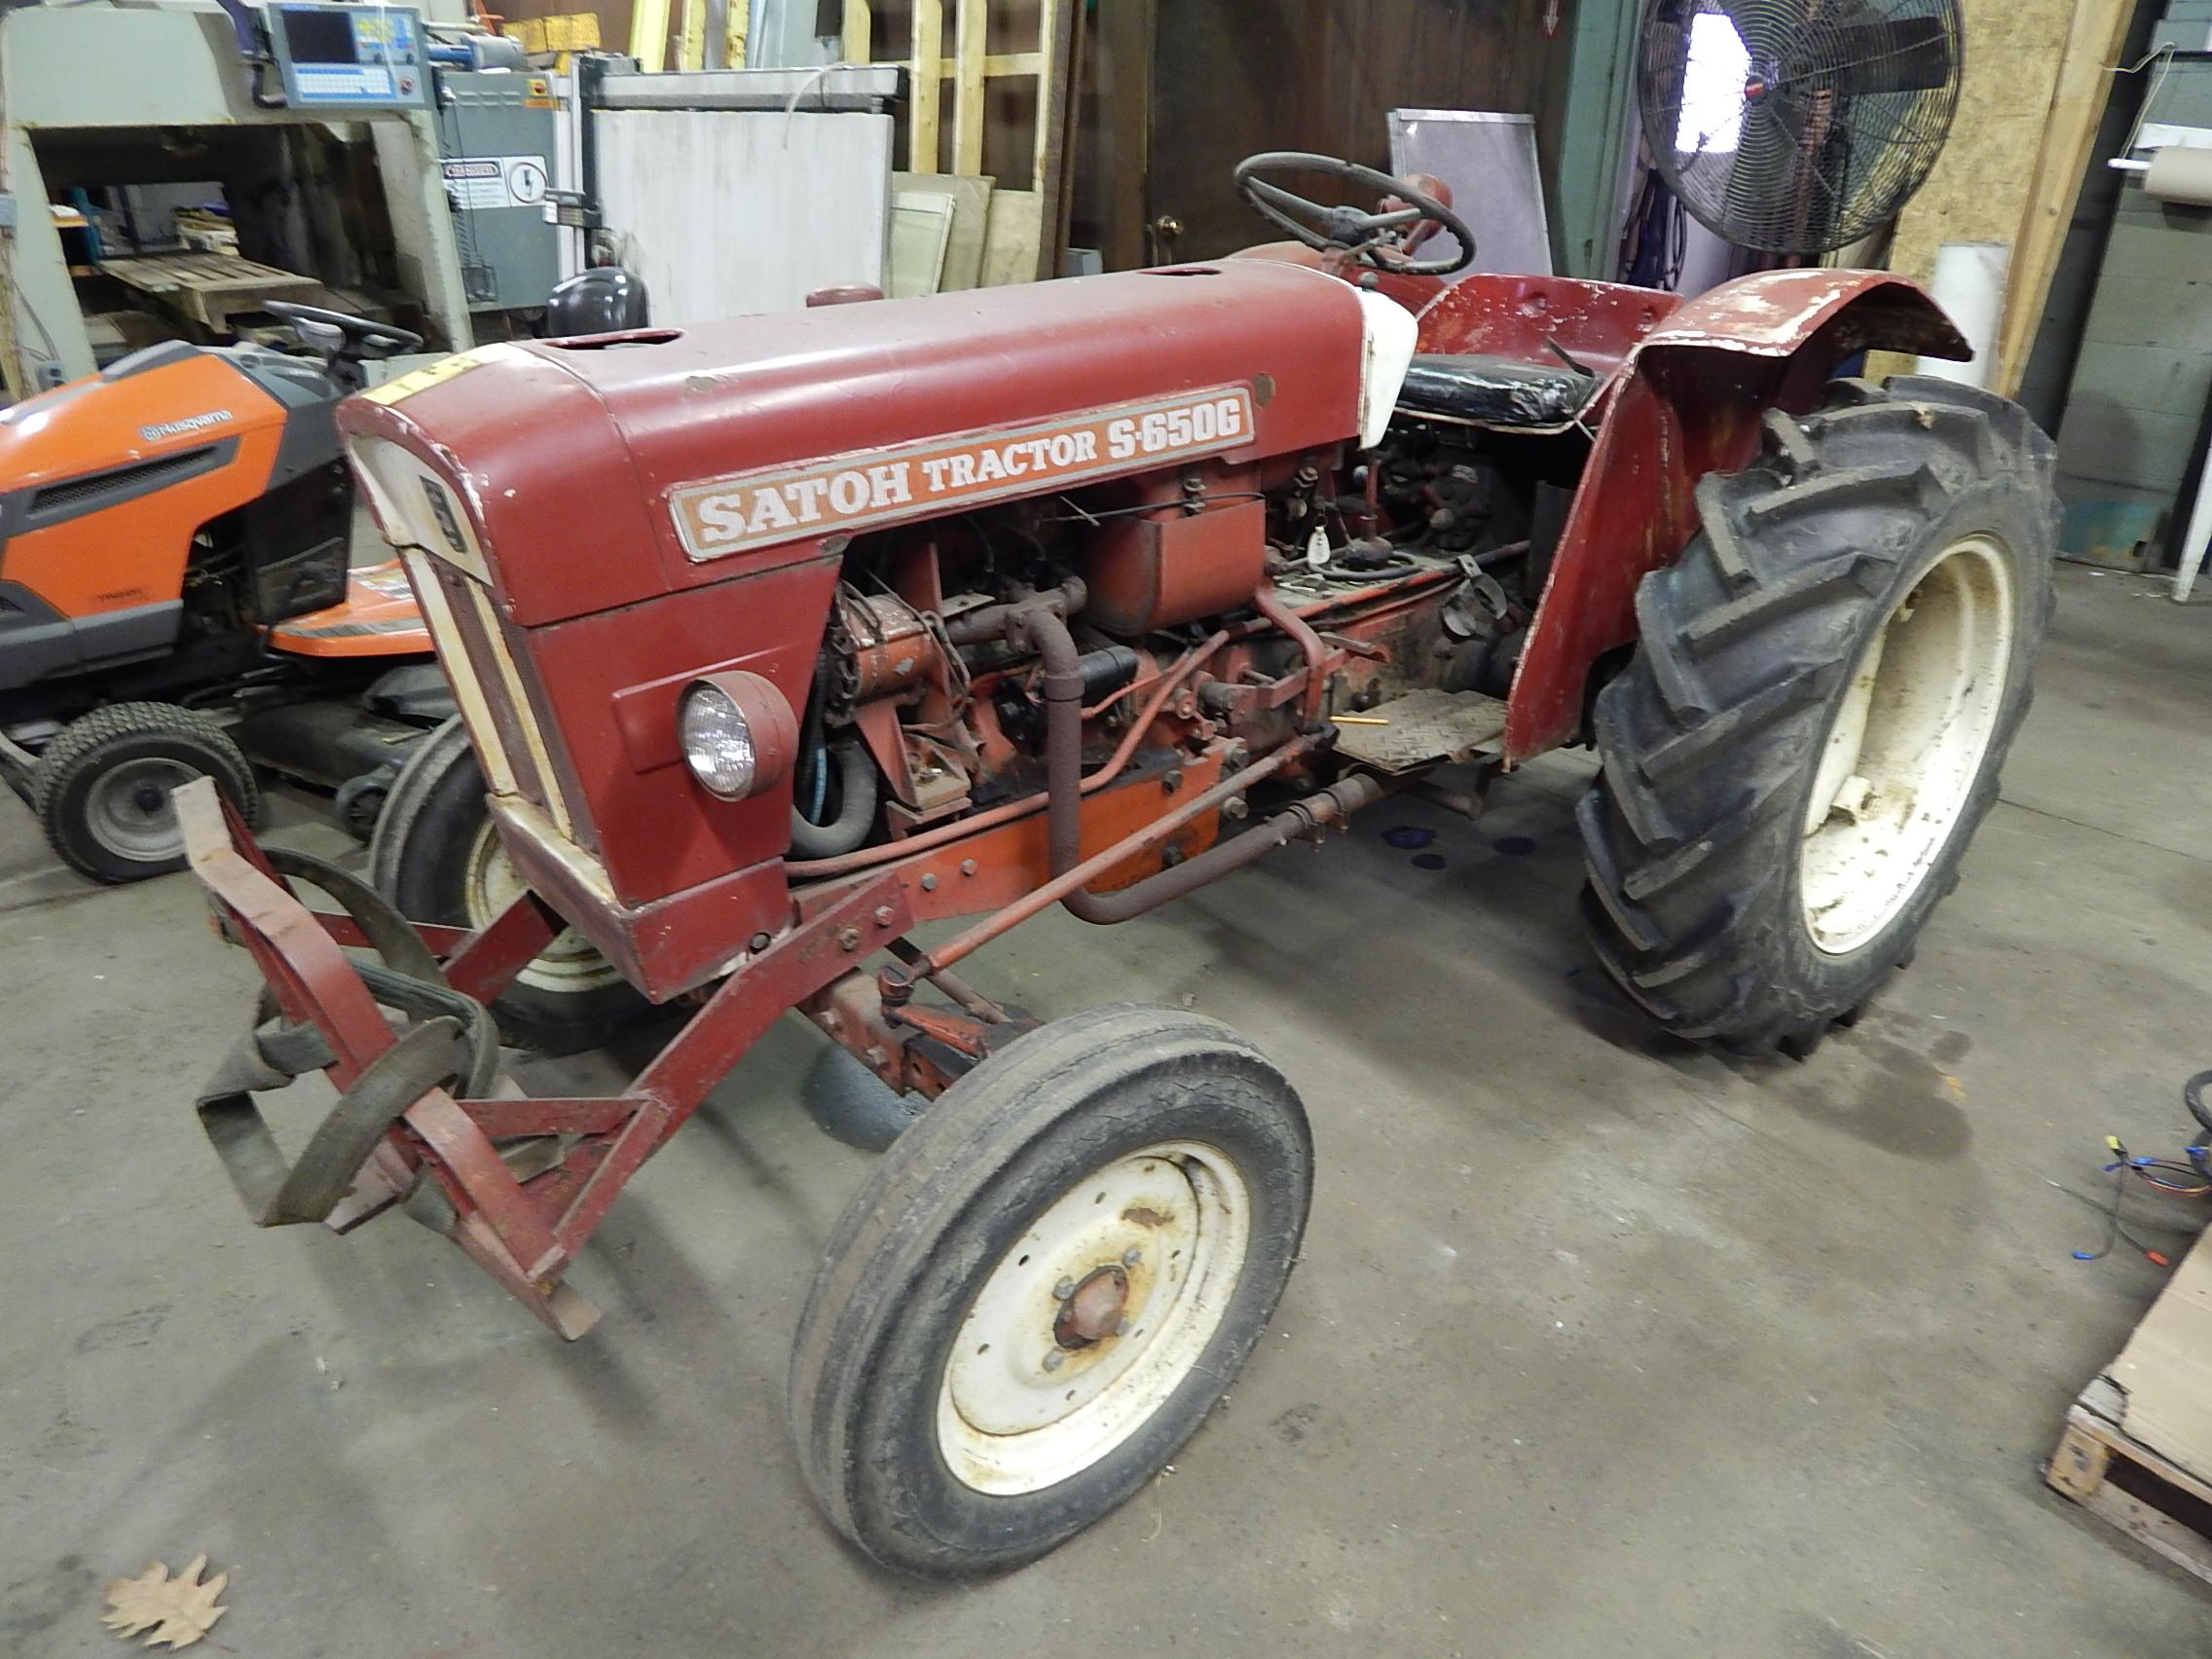 satoh model s-650g tractor, 4 cylinder gas engine, 2 wd ... ford ranger 4 cylinder engine diagram #1